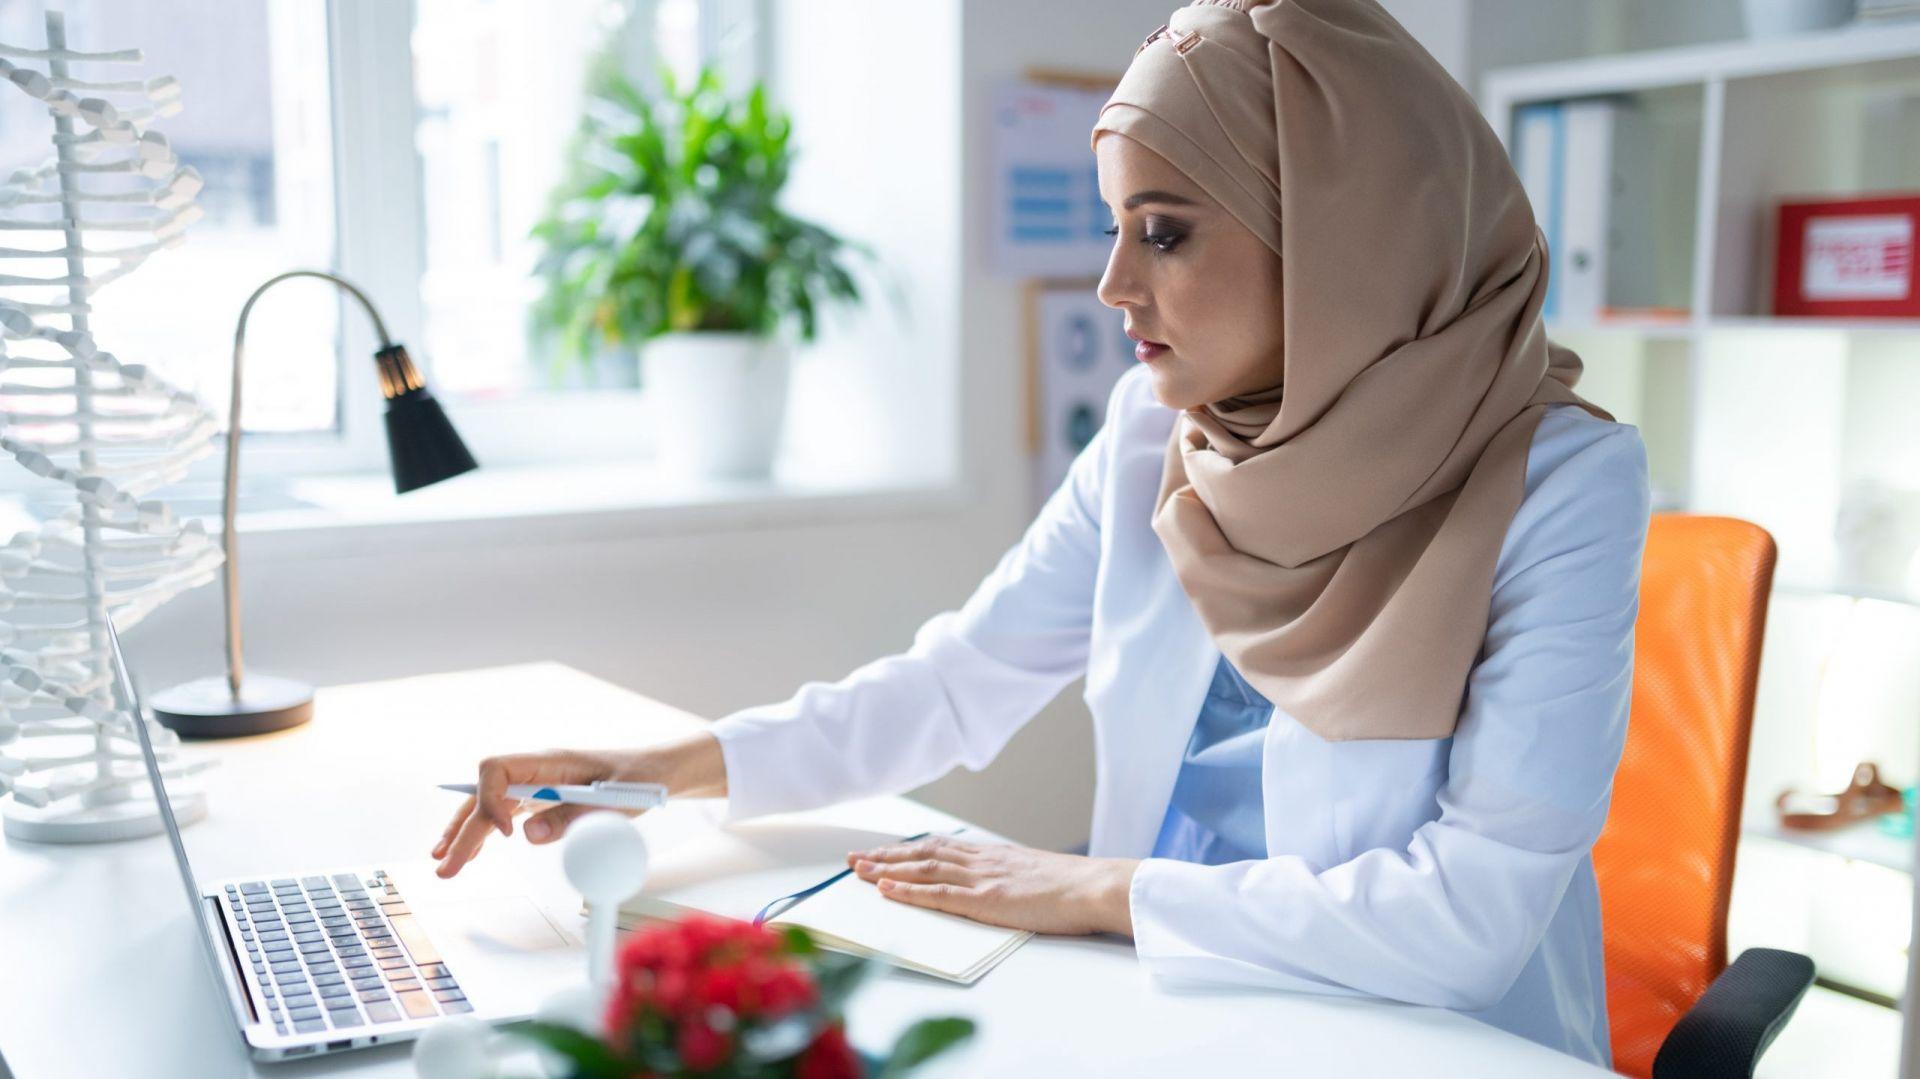 medico auditor